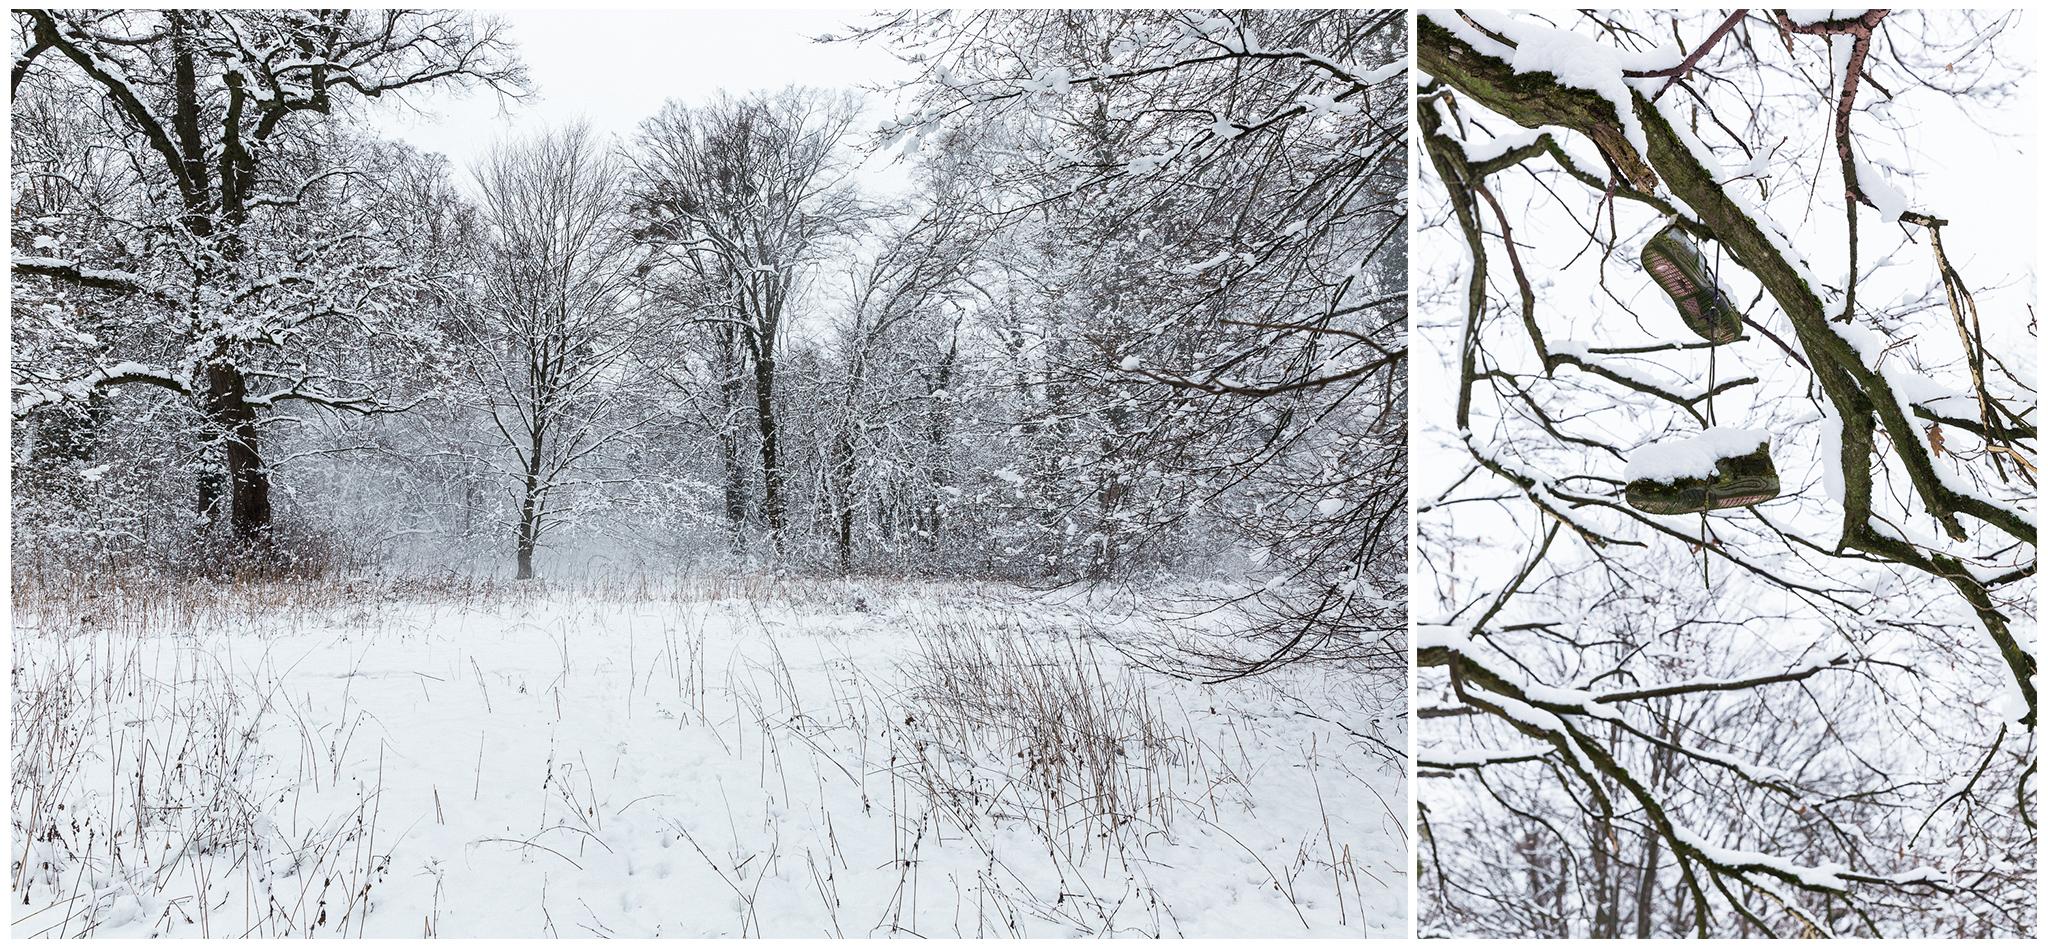 Körmend,Várkert,tél,2018,Fülöp Péter, fylepphoto, Vasmegye, Dunántúl_009.jpg